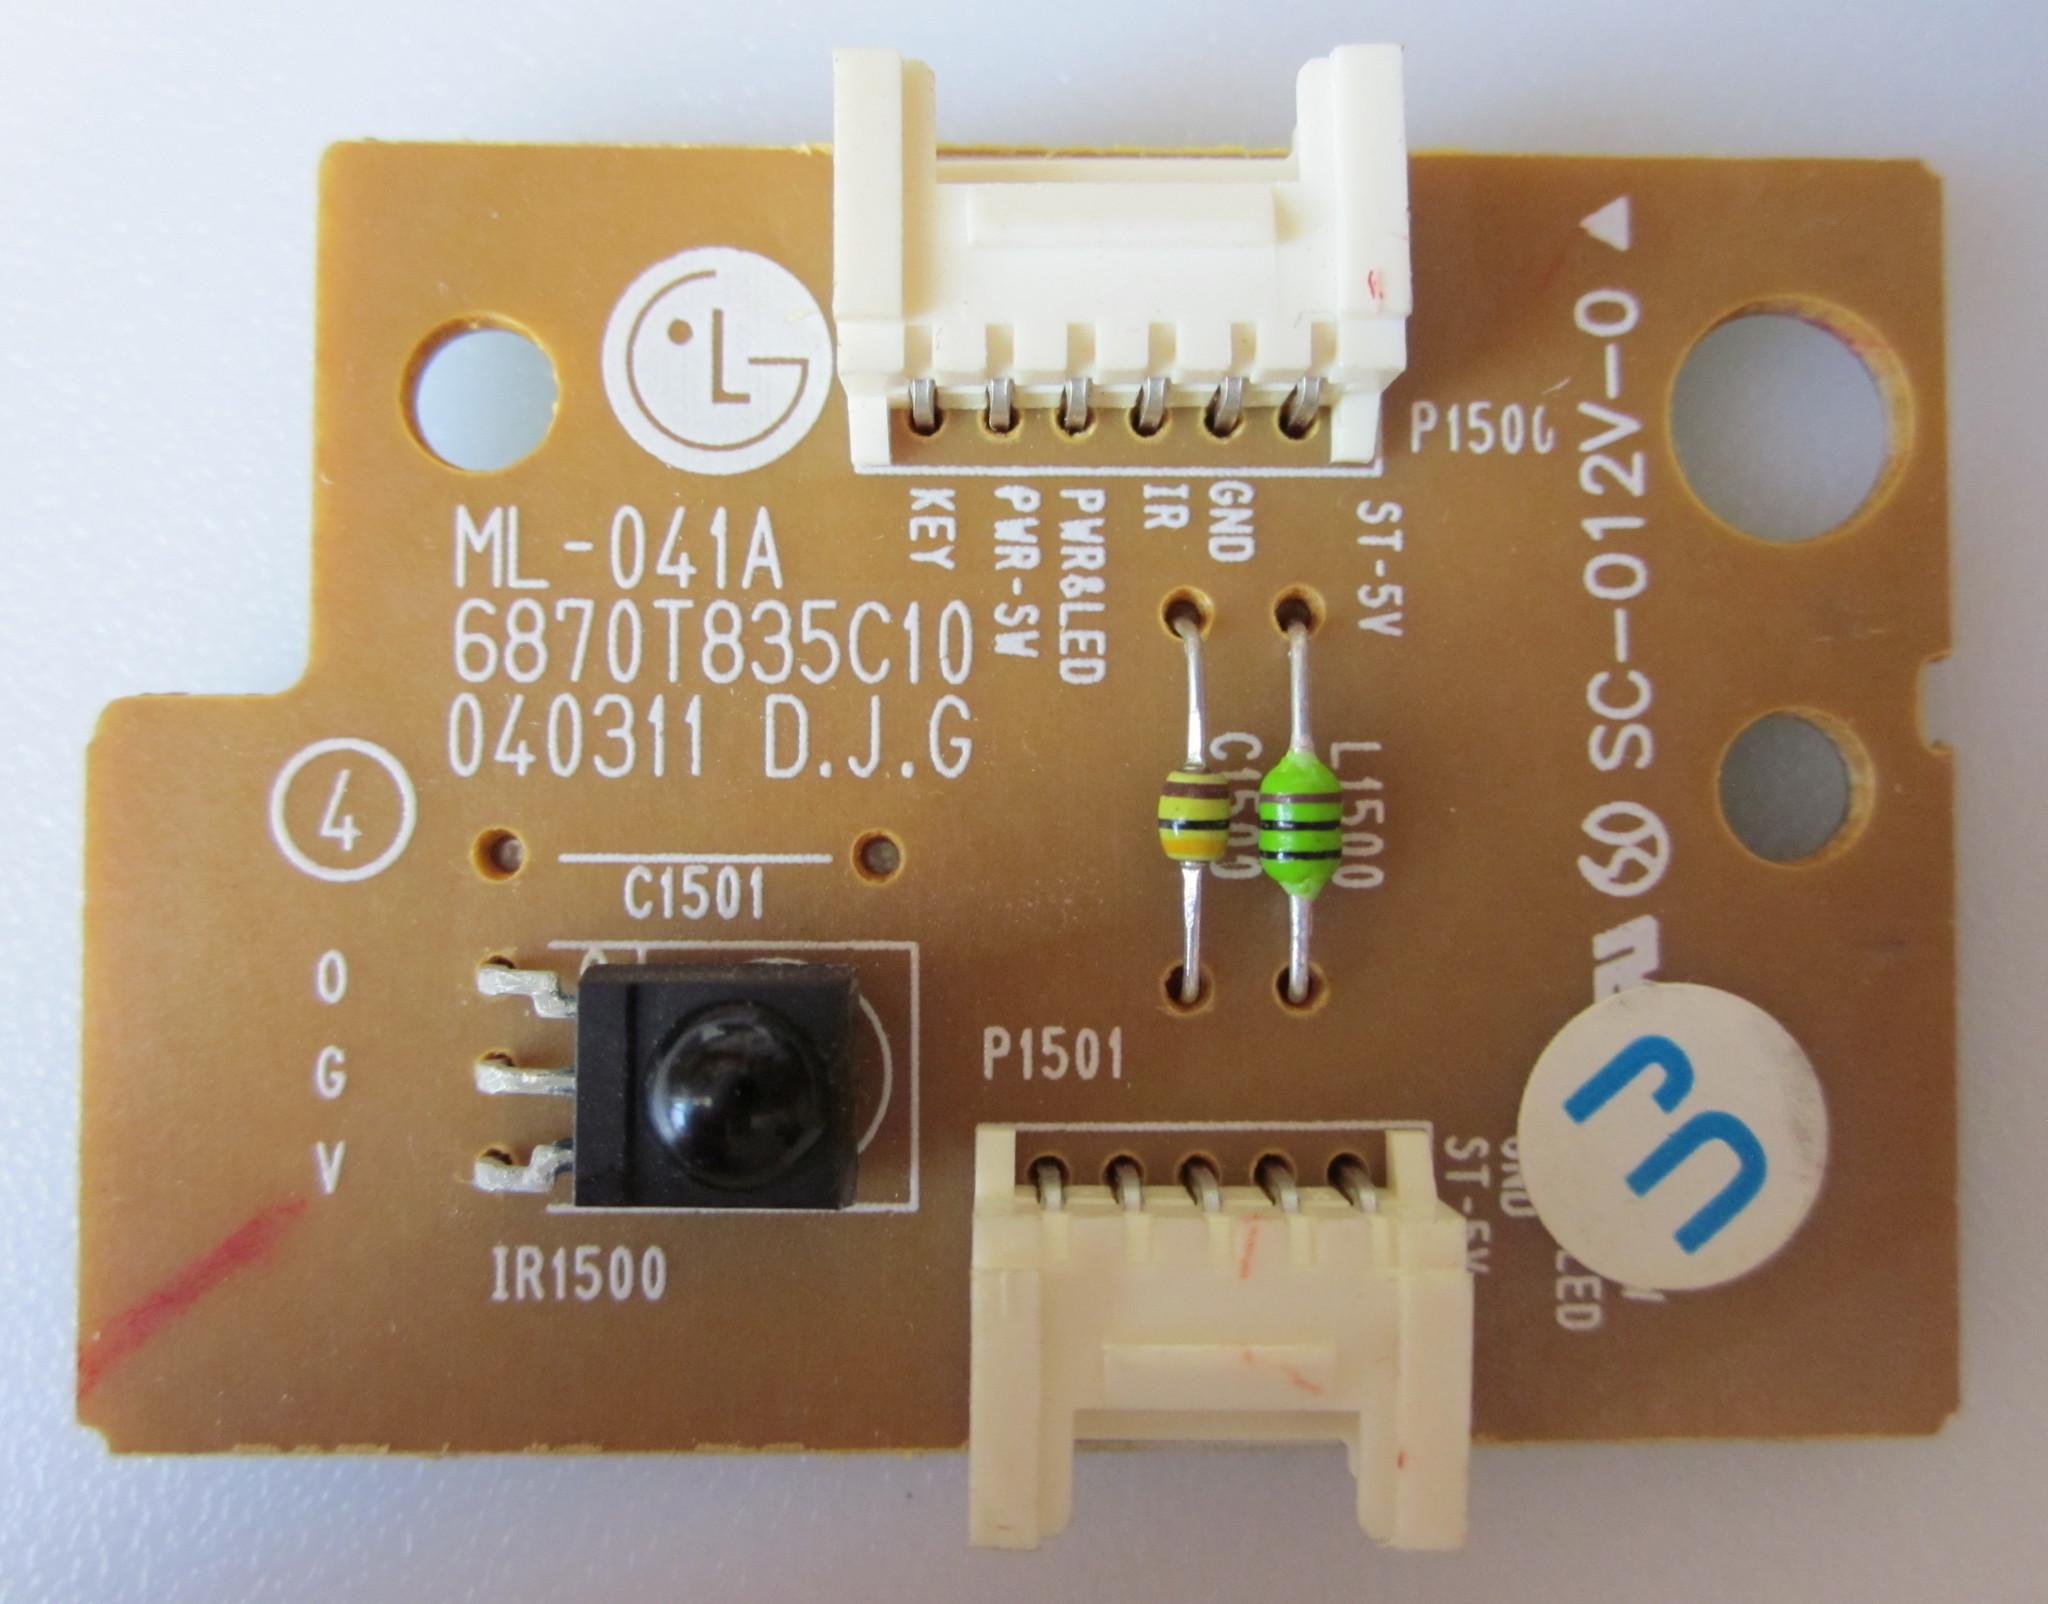 ML-041A 6870T835C10